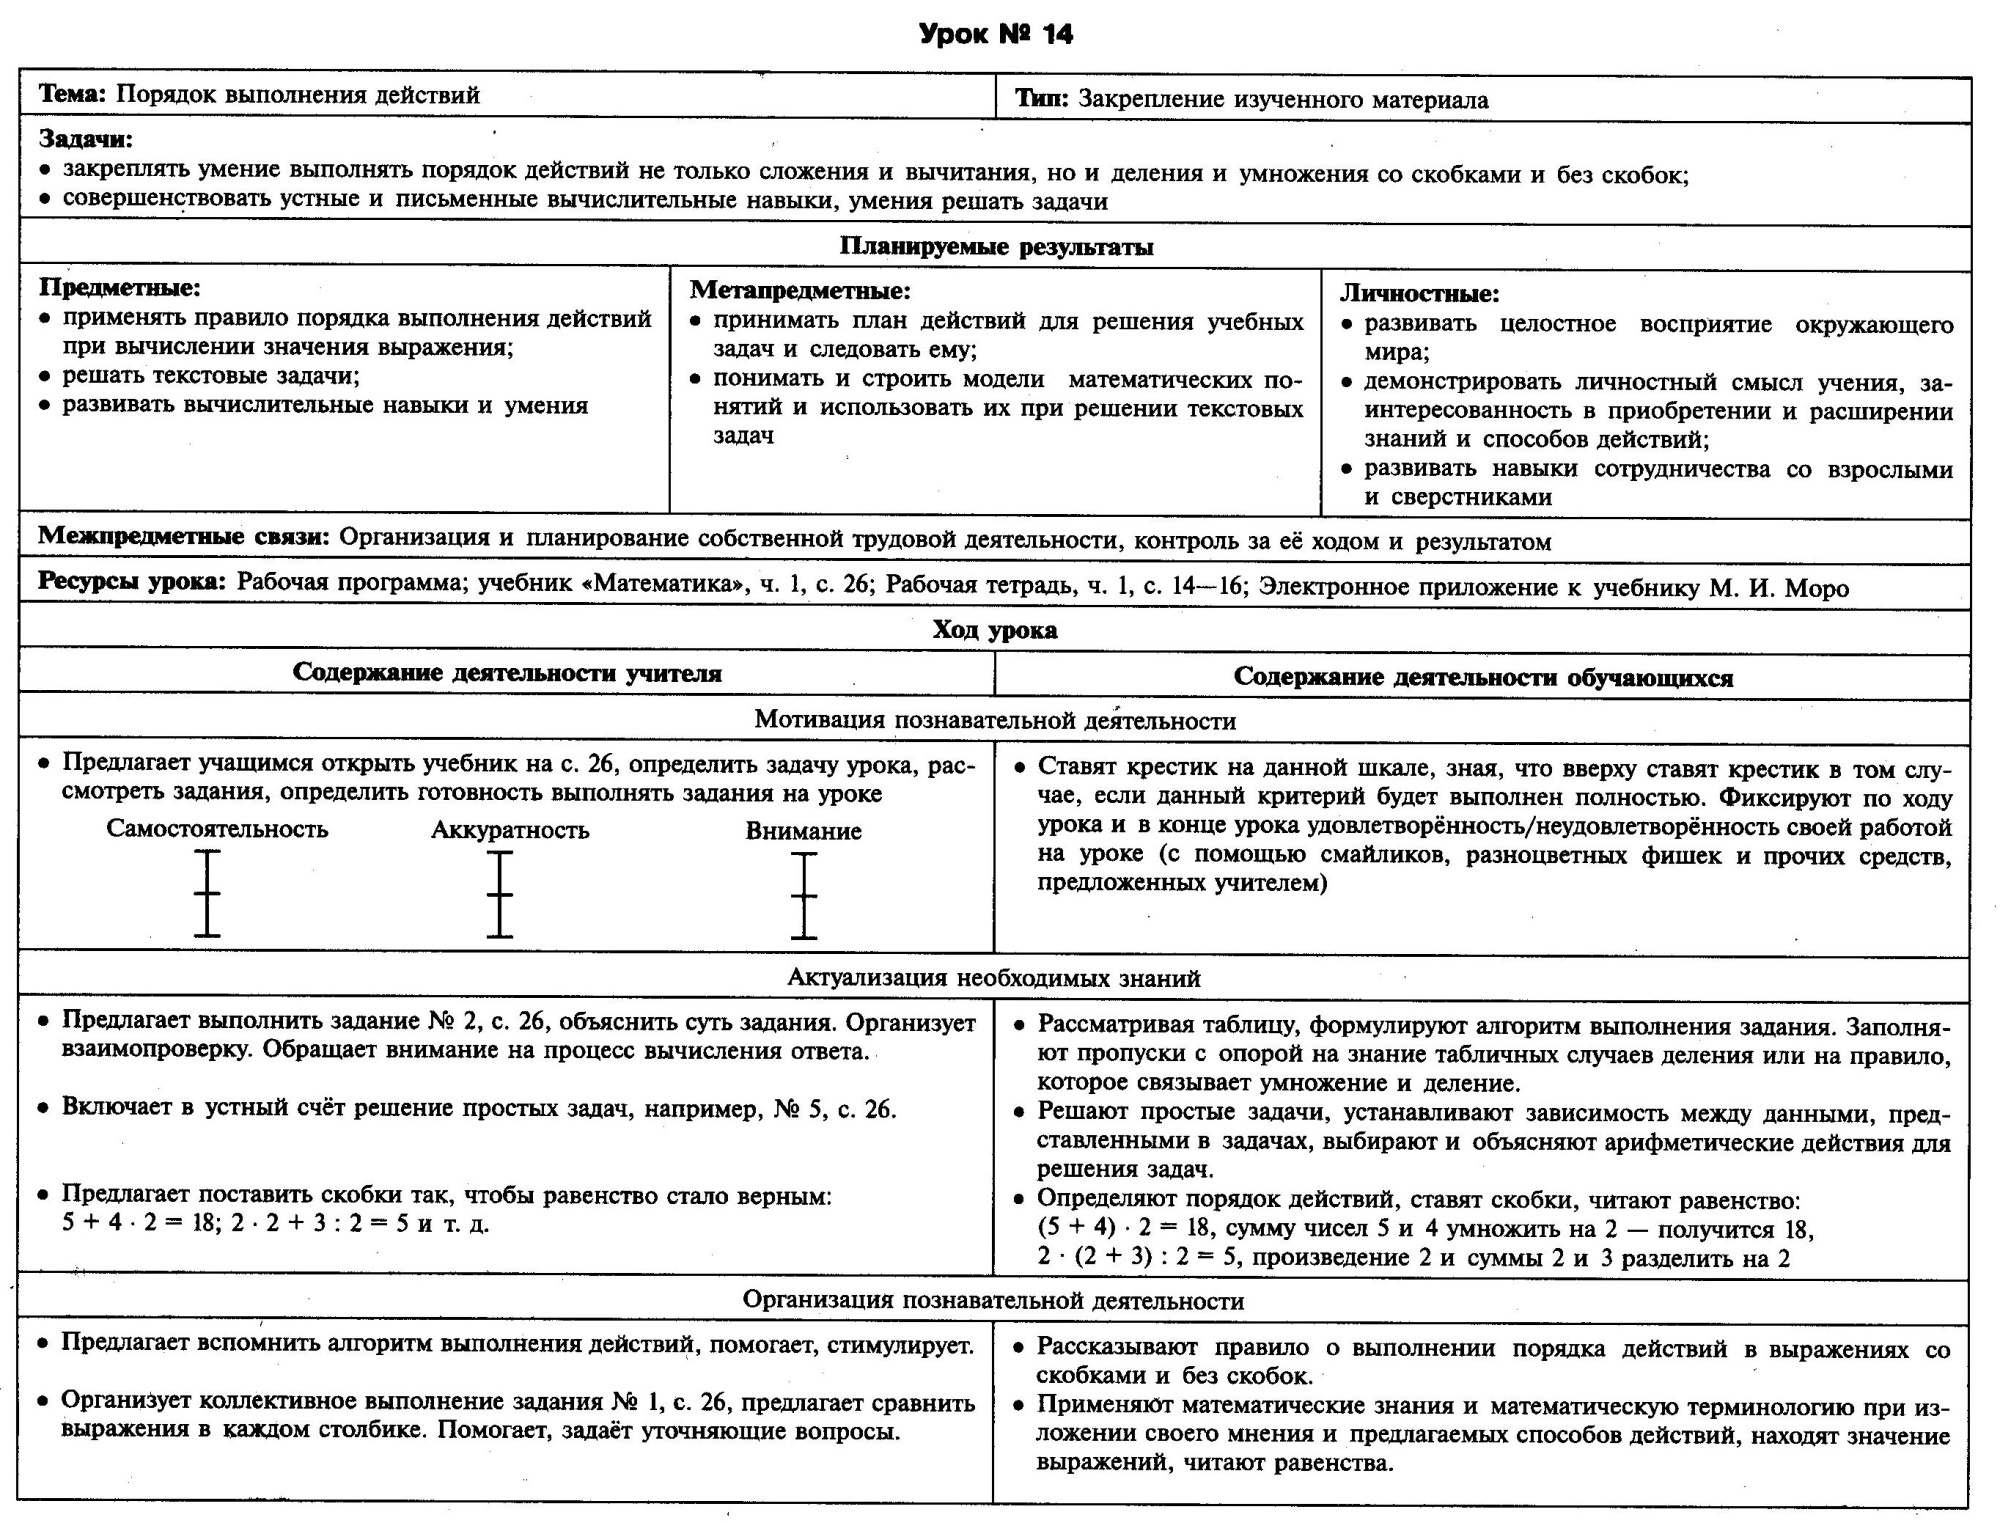 C:\Documents and Settings\Admin\Мои документы\Мои рисунки\1271.jpg